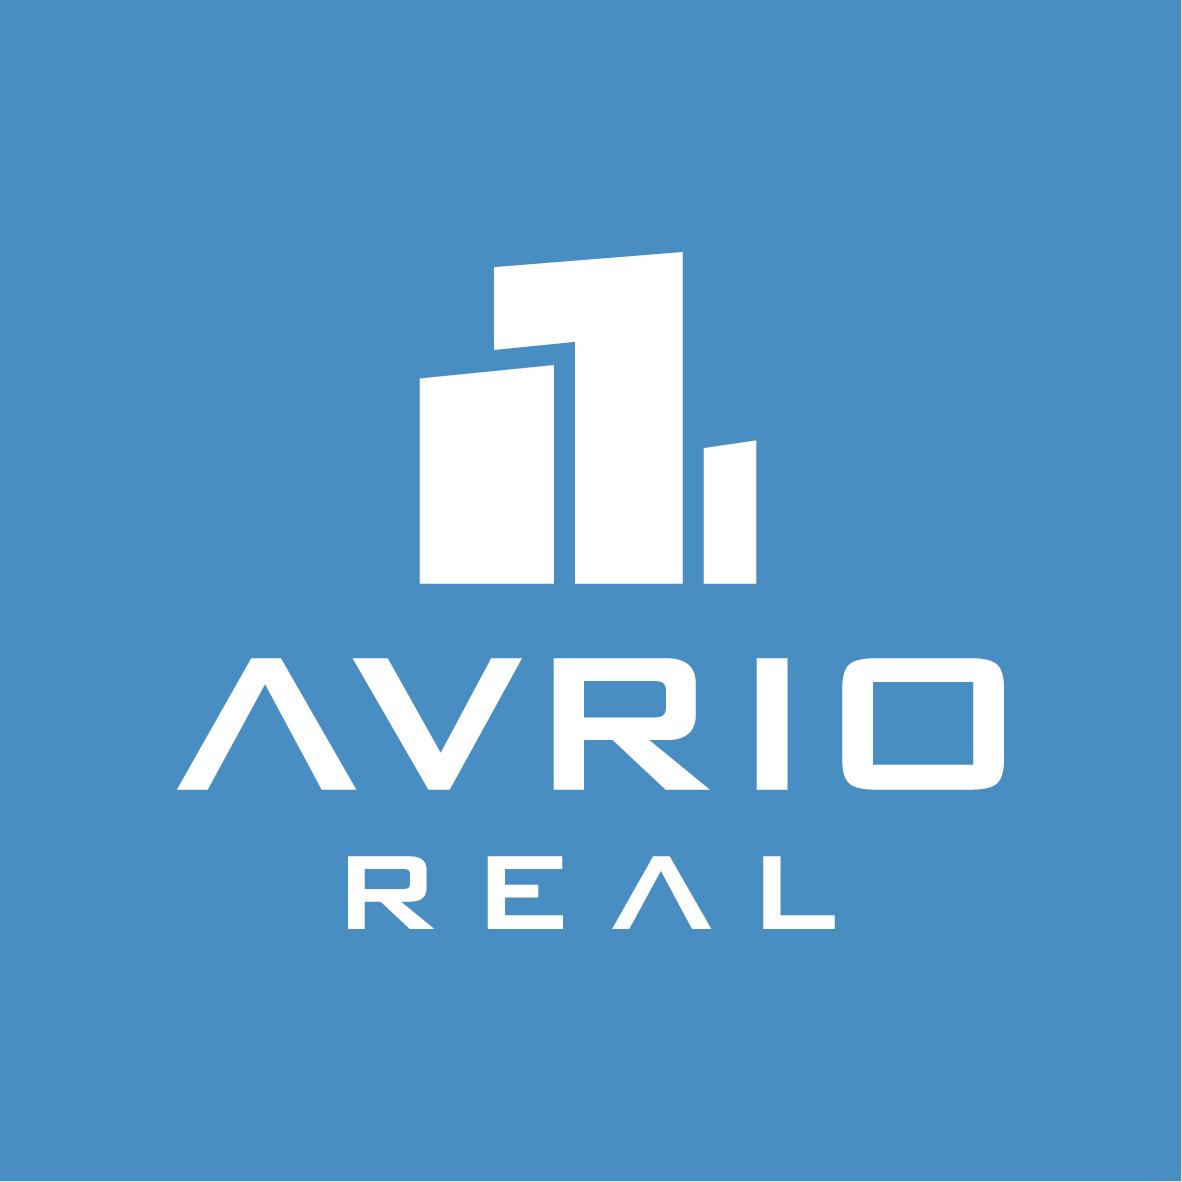 AvrioReal logo